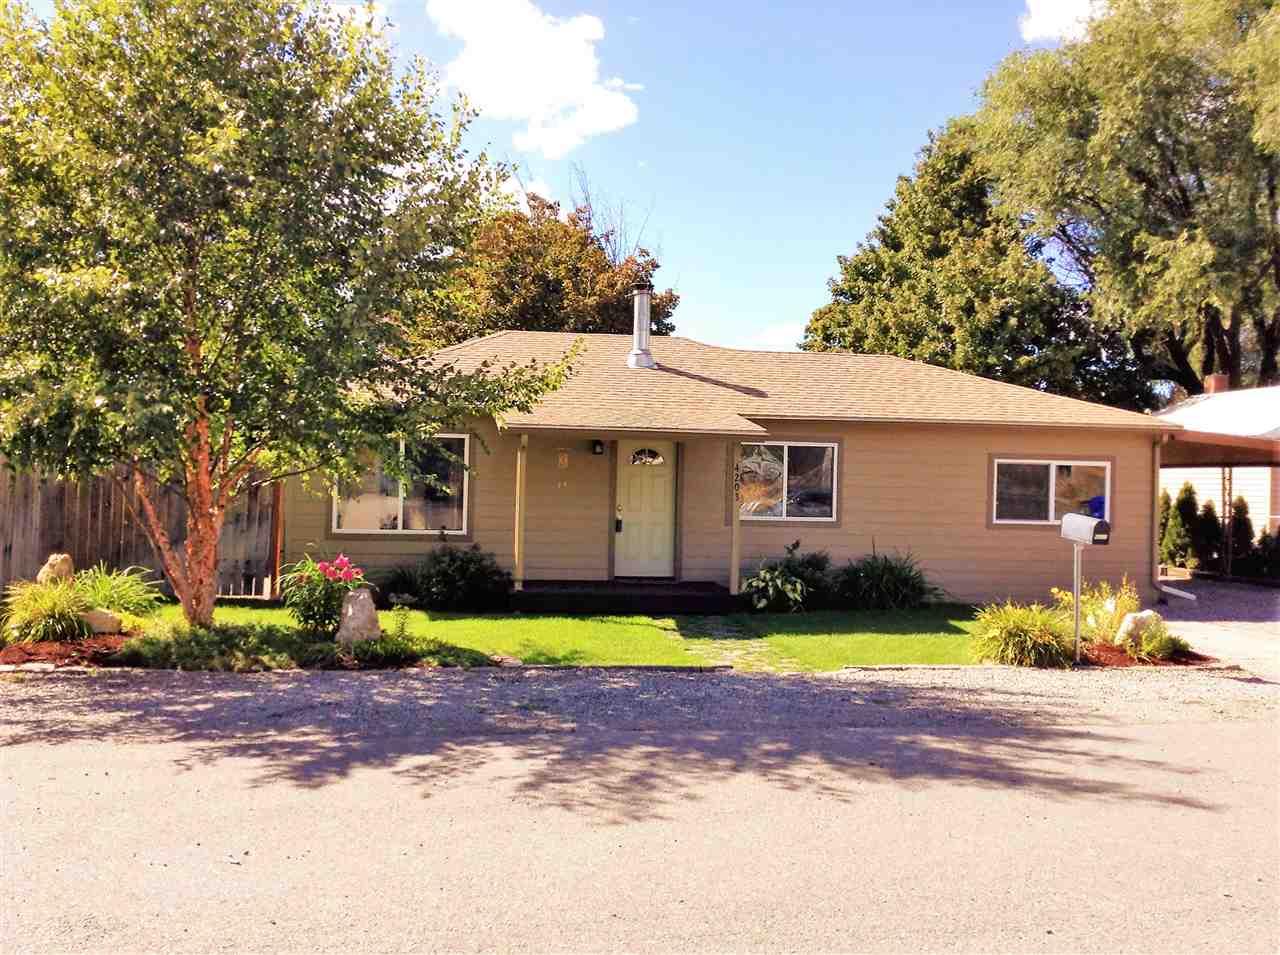 4203 N Silas Rd, Spokane Valley, WA 99216